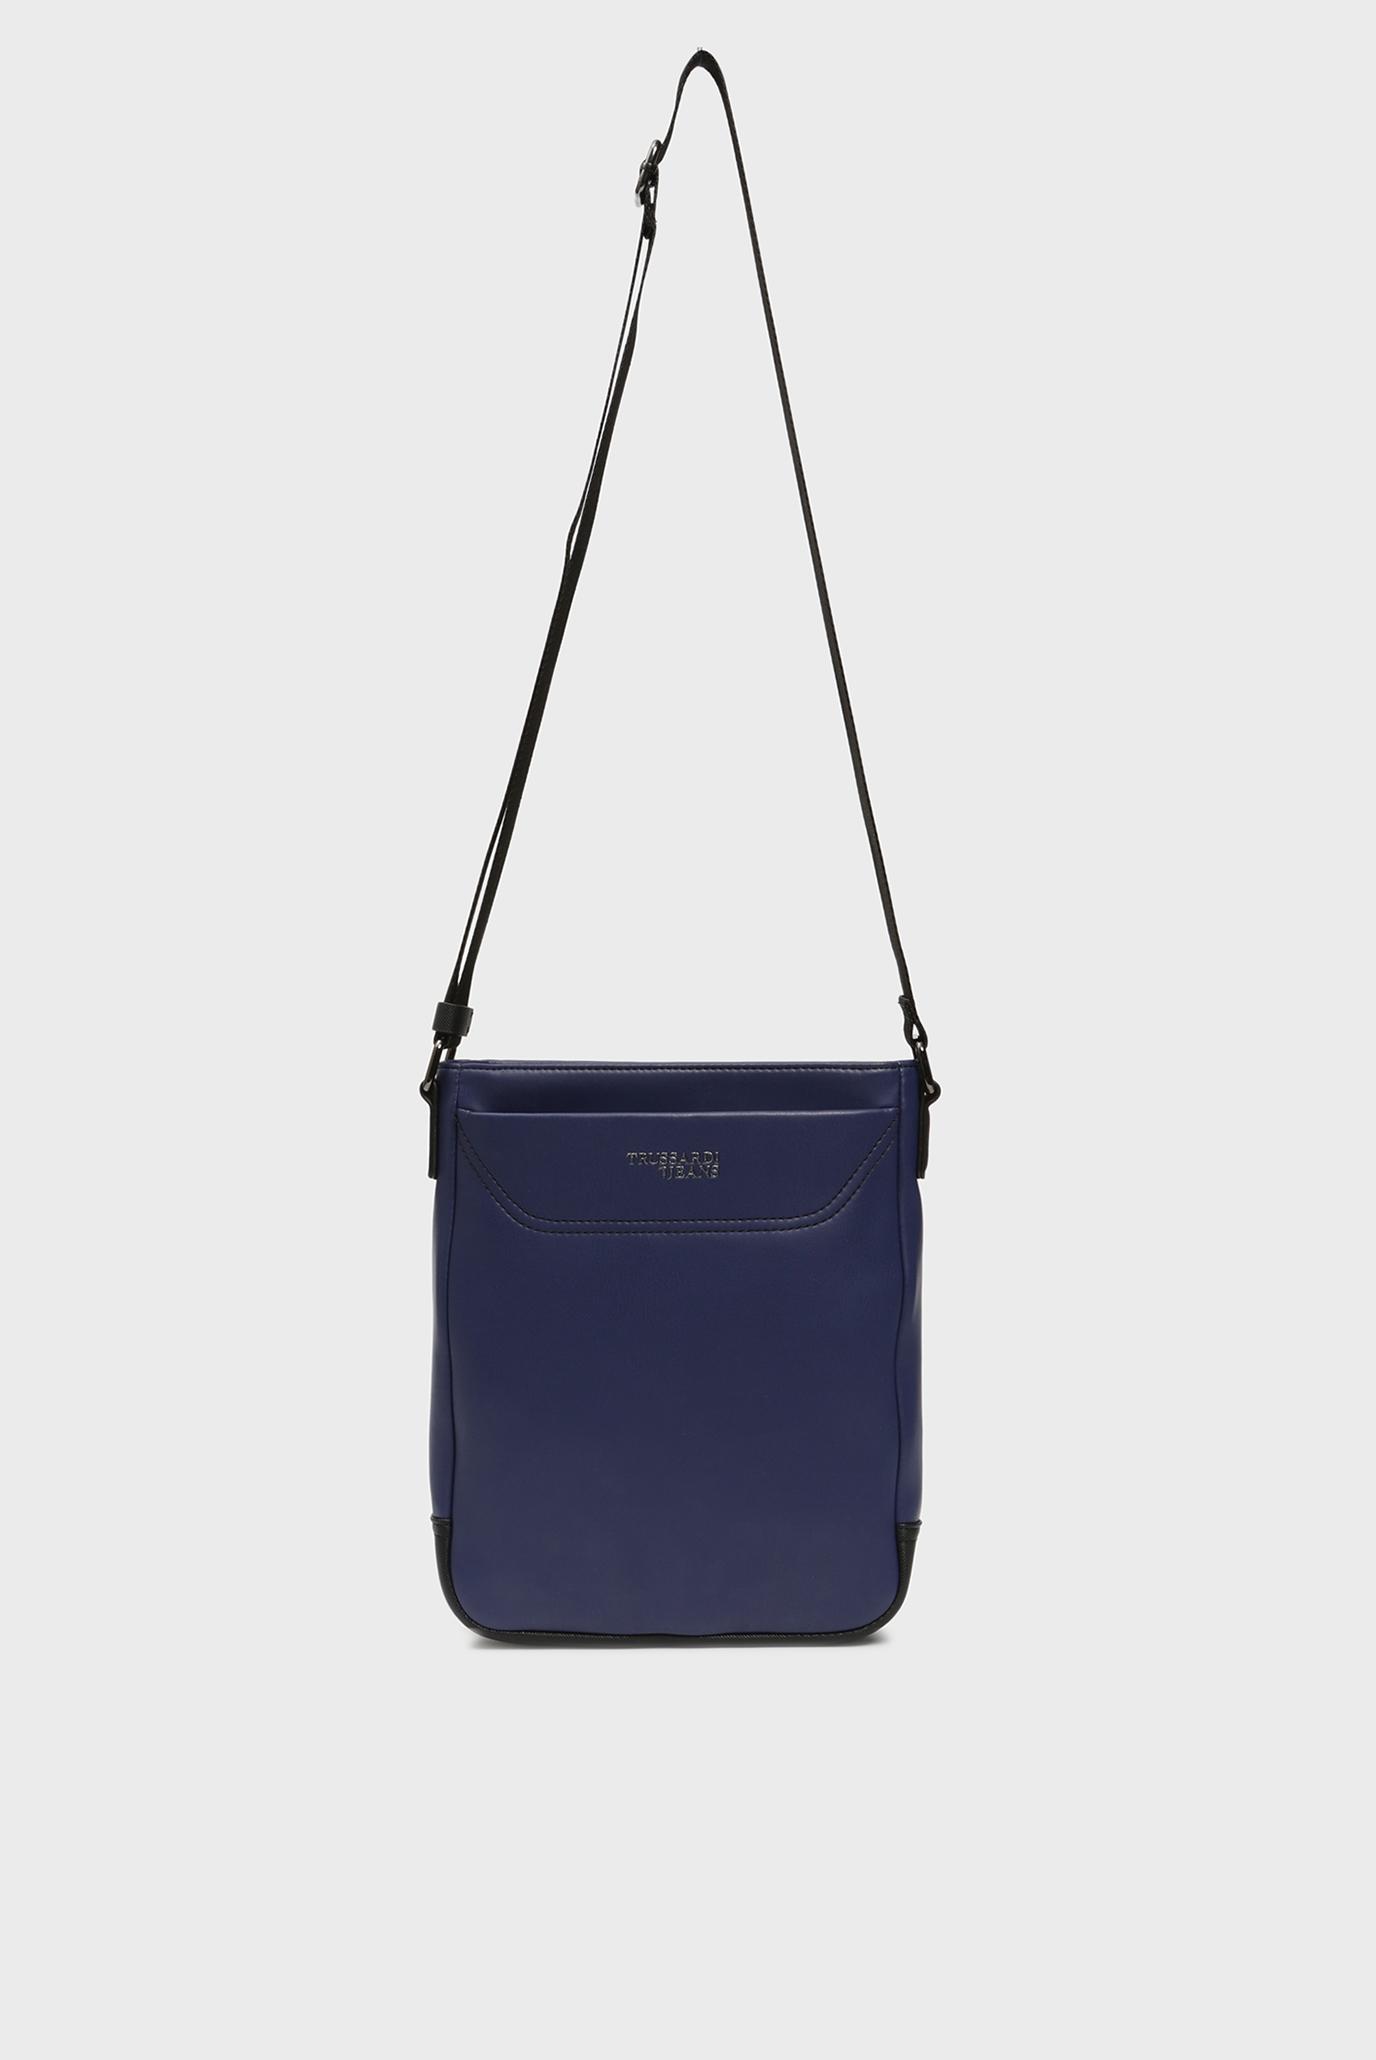 Купить Мужская темно-синяя сумка через плечо BUSINESS CITY REPORTER Trussardi Jeans Trussardi Jeans 9Y099995/71B00115 – Киев, Украина. Цены в интернет магазине MD Fashion